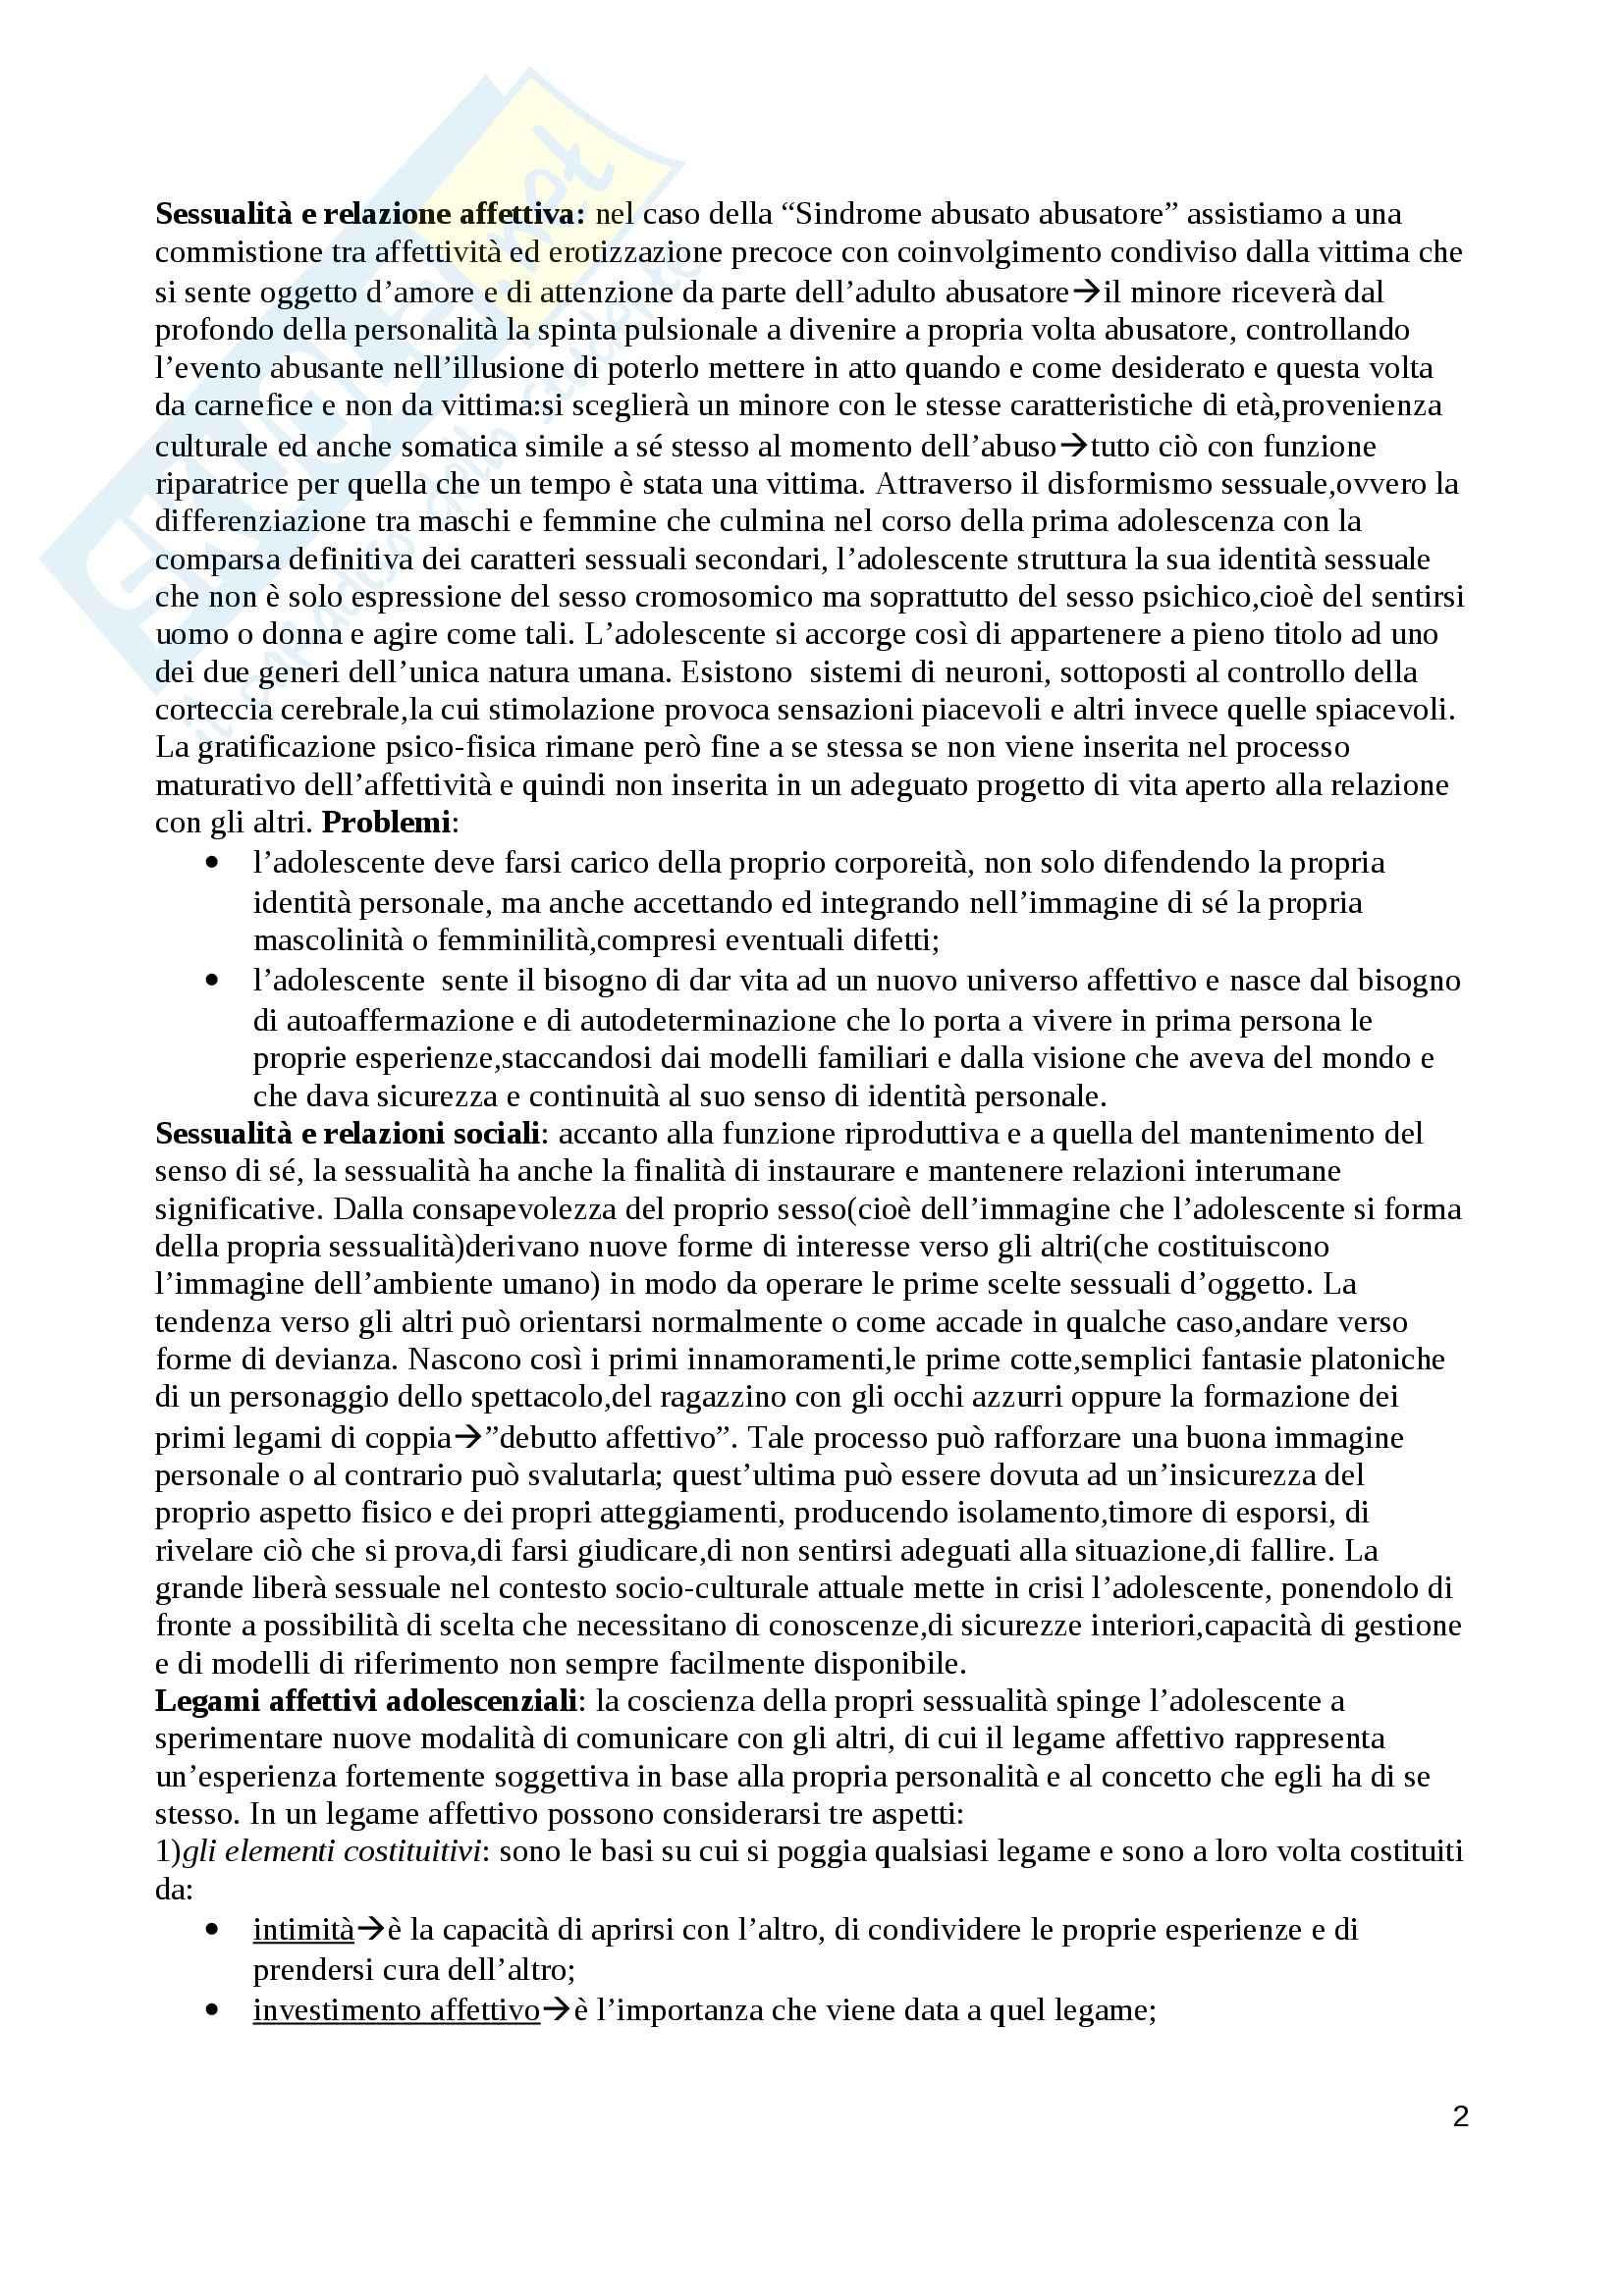 Riassunto esame Medicina preventiva e psicopatologia forense,prof.Villanova,libro consigliato Sindromi pedofile e sex offender dalla neuropsichiatria dell'età evolutiva alla pedagogia clinica e forense,Villanova Pag. 2